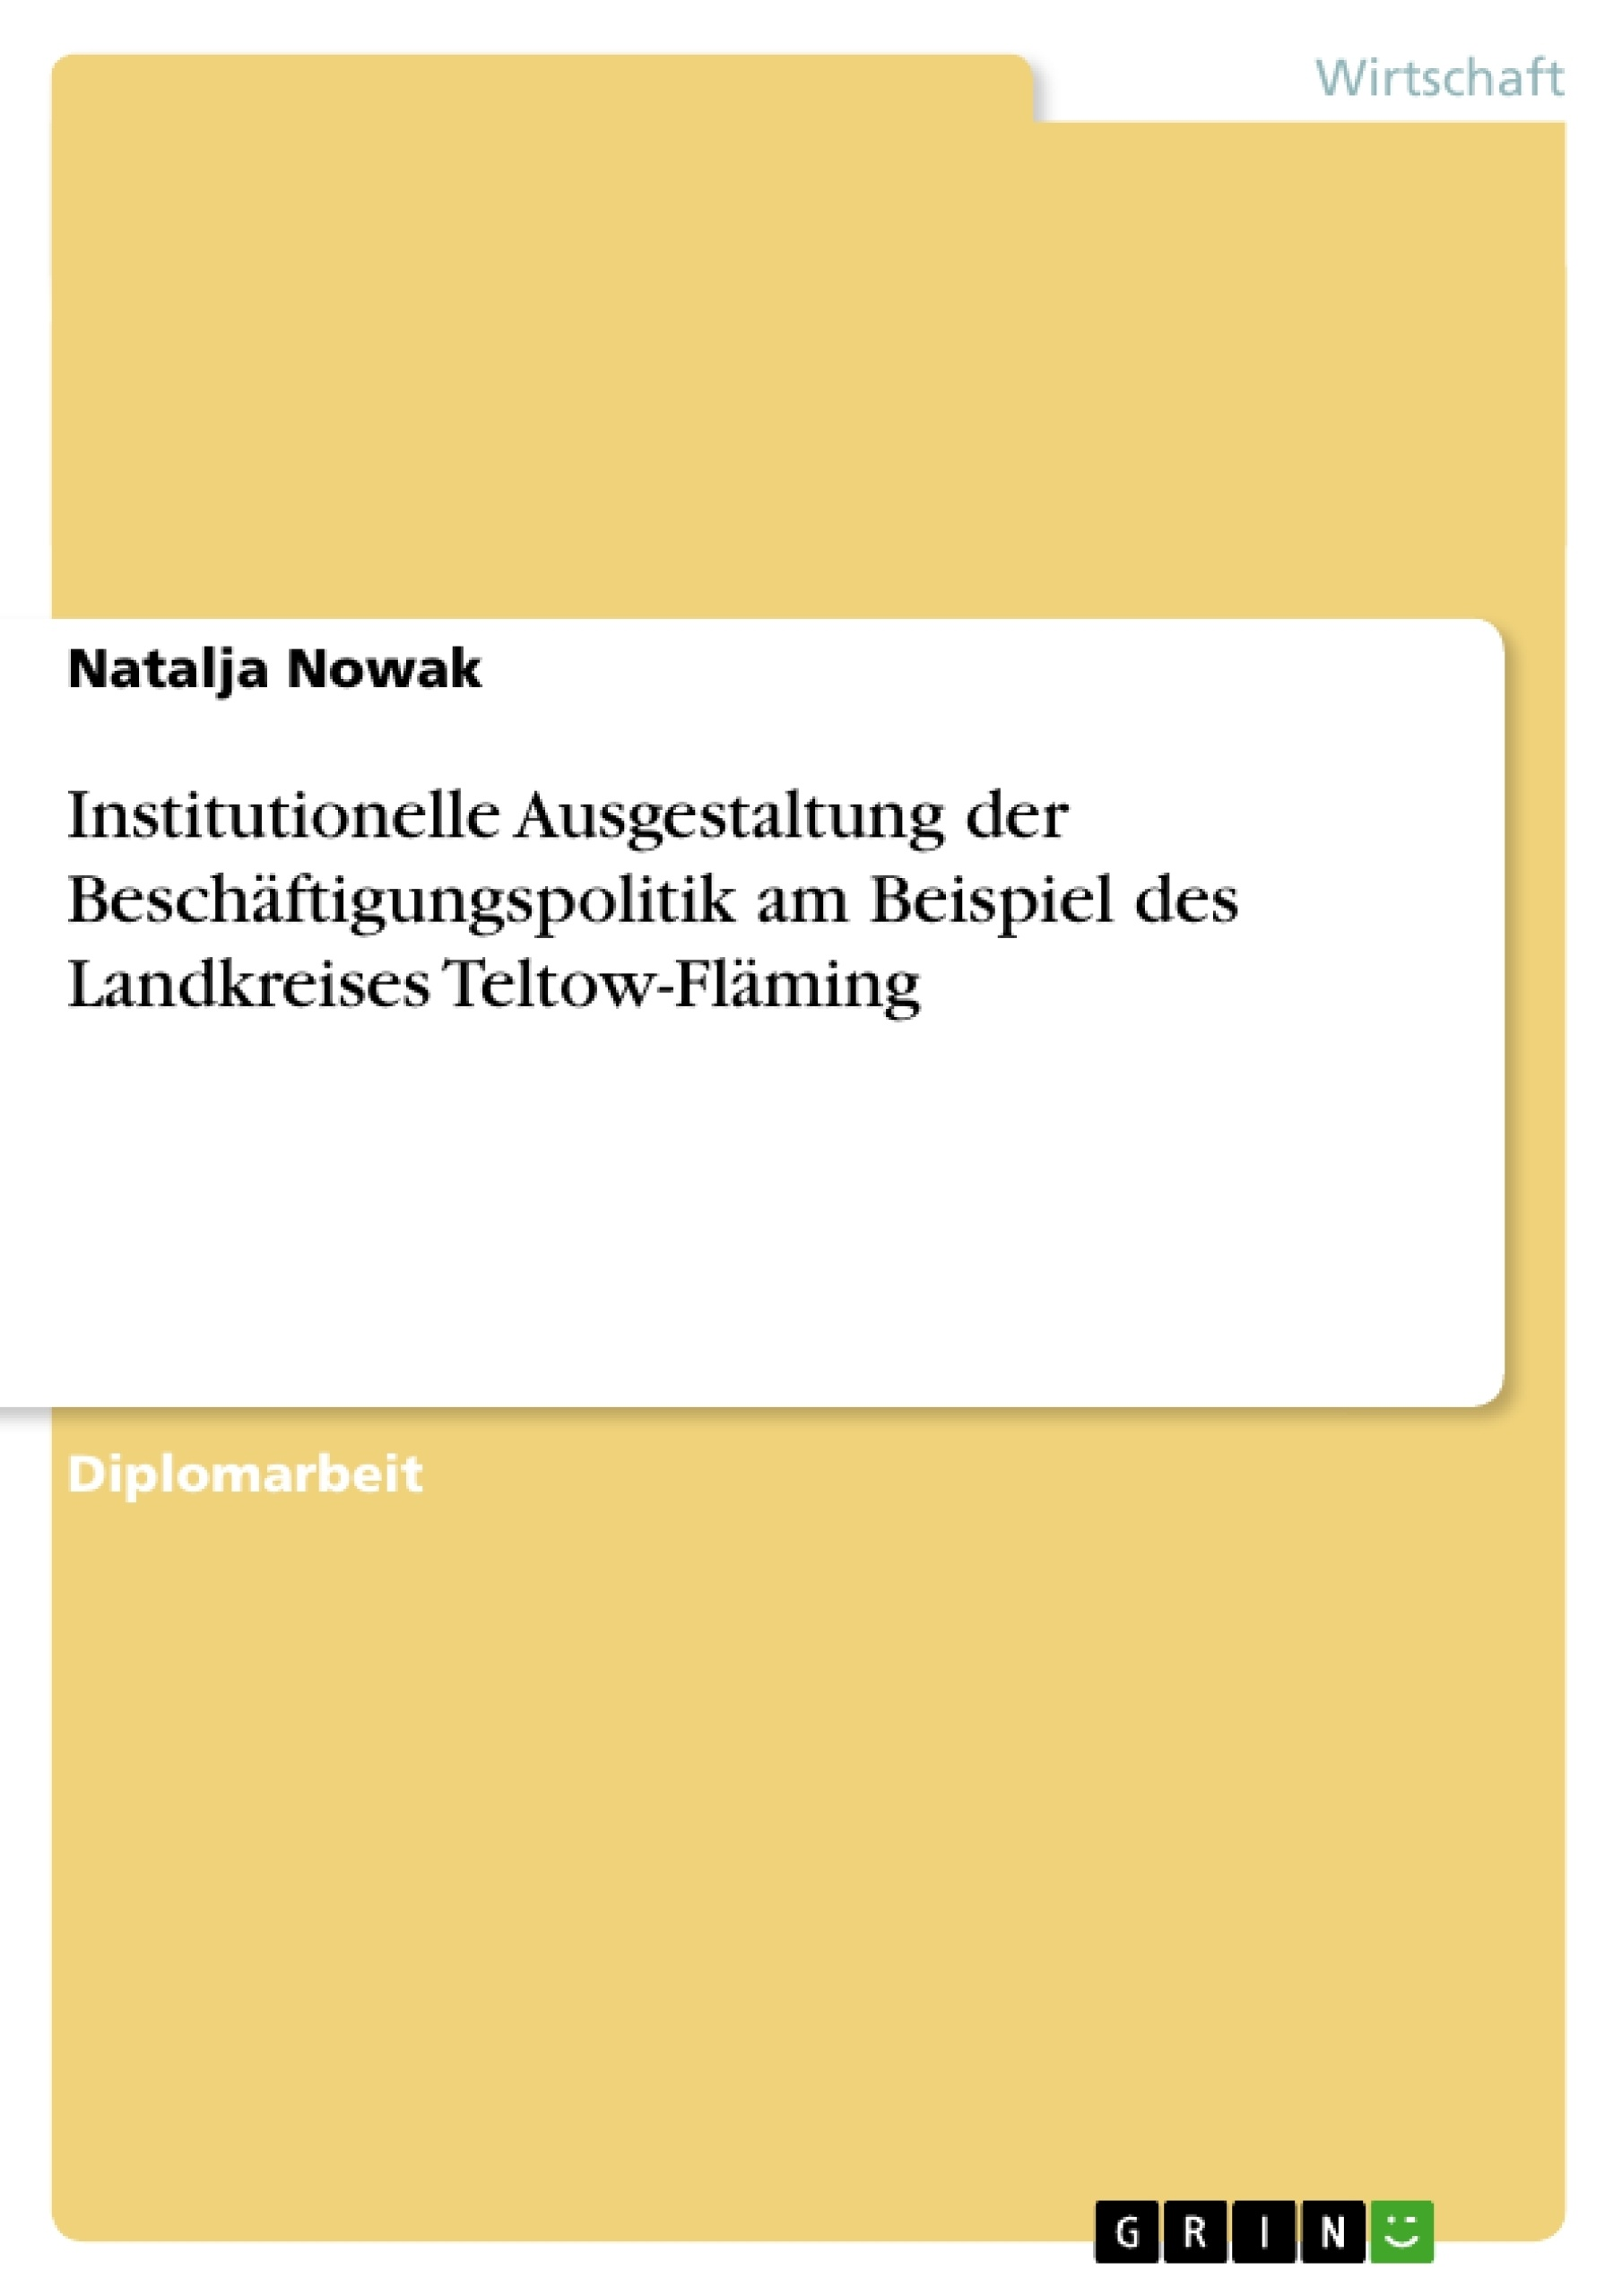 Titel: Institutionelle Ausgestaltung der Beschäftigungspolitik am Beispiel des Landkreises Teltow-Fläming